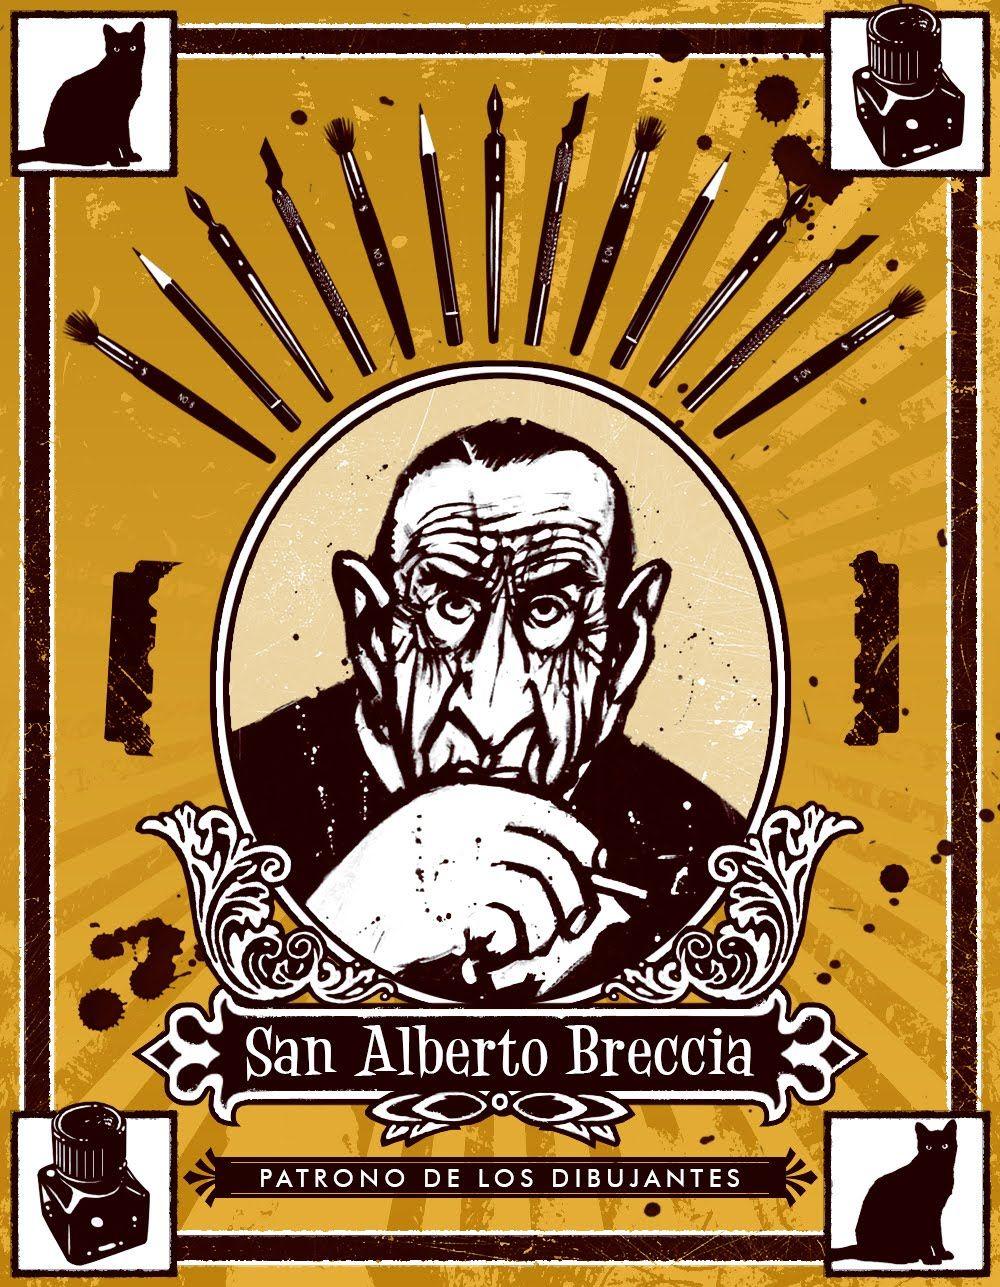 Dia Del Dibujante Dia De San Breccia Illustration Design Illustration Comics